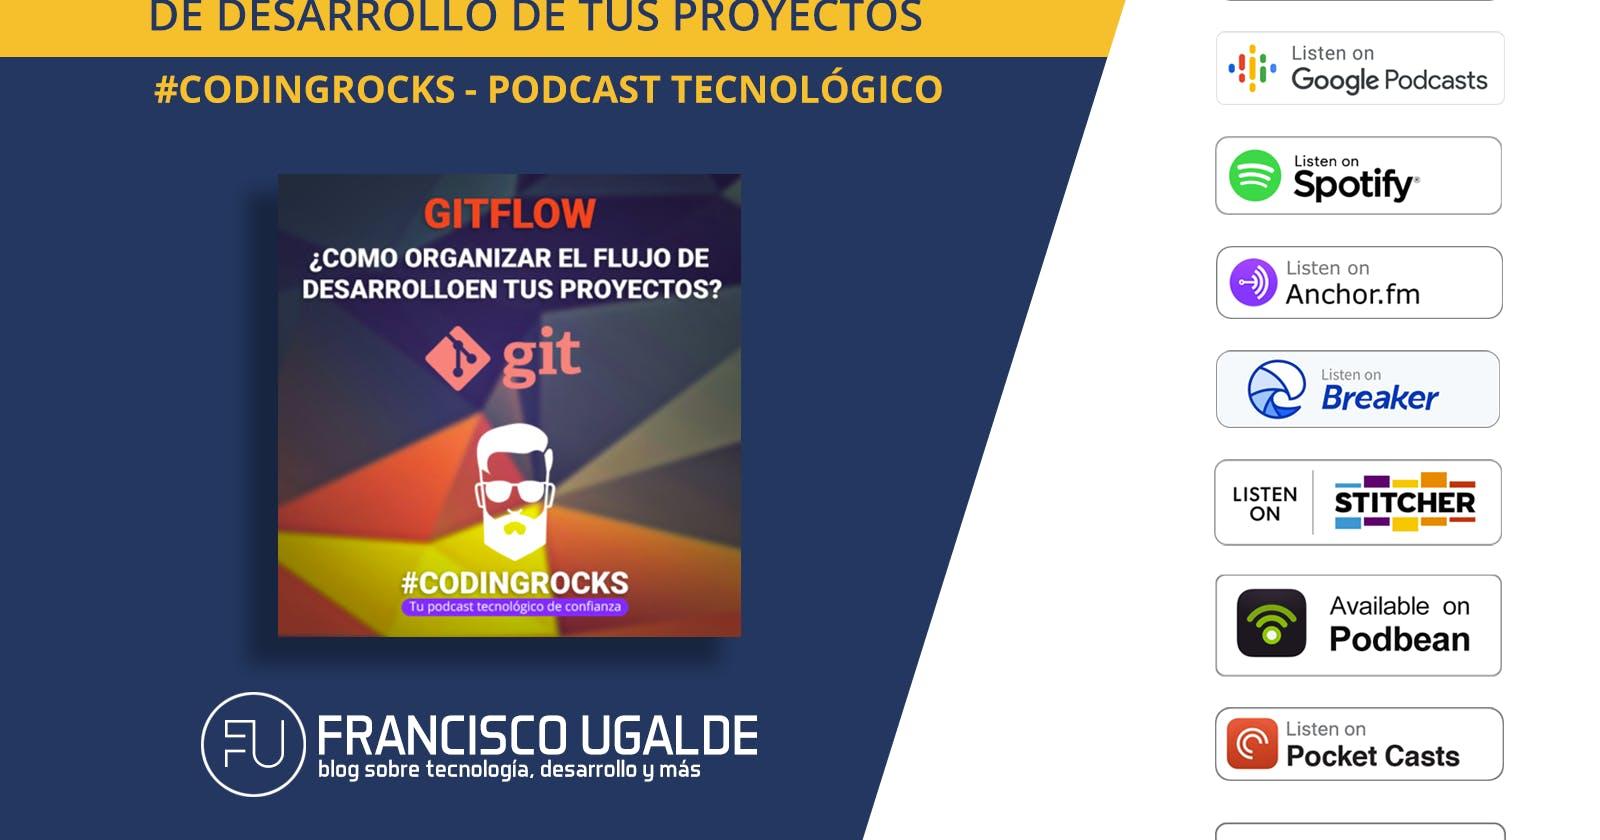 GitFlow: Cómo organizar el flujo de desarrollo en tus proyectos—Ep. 4